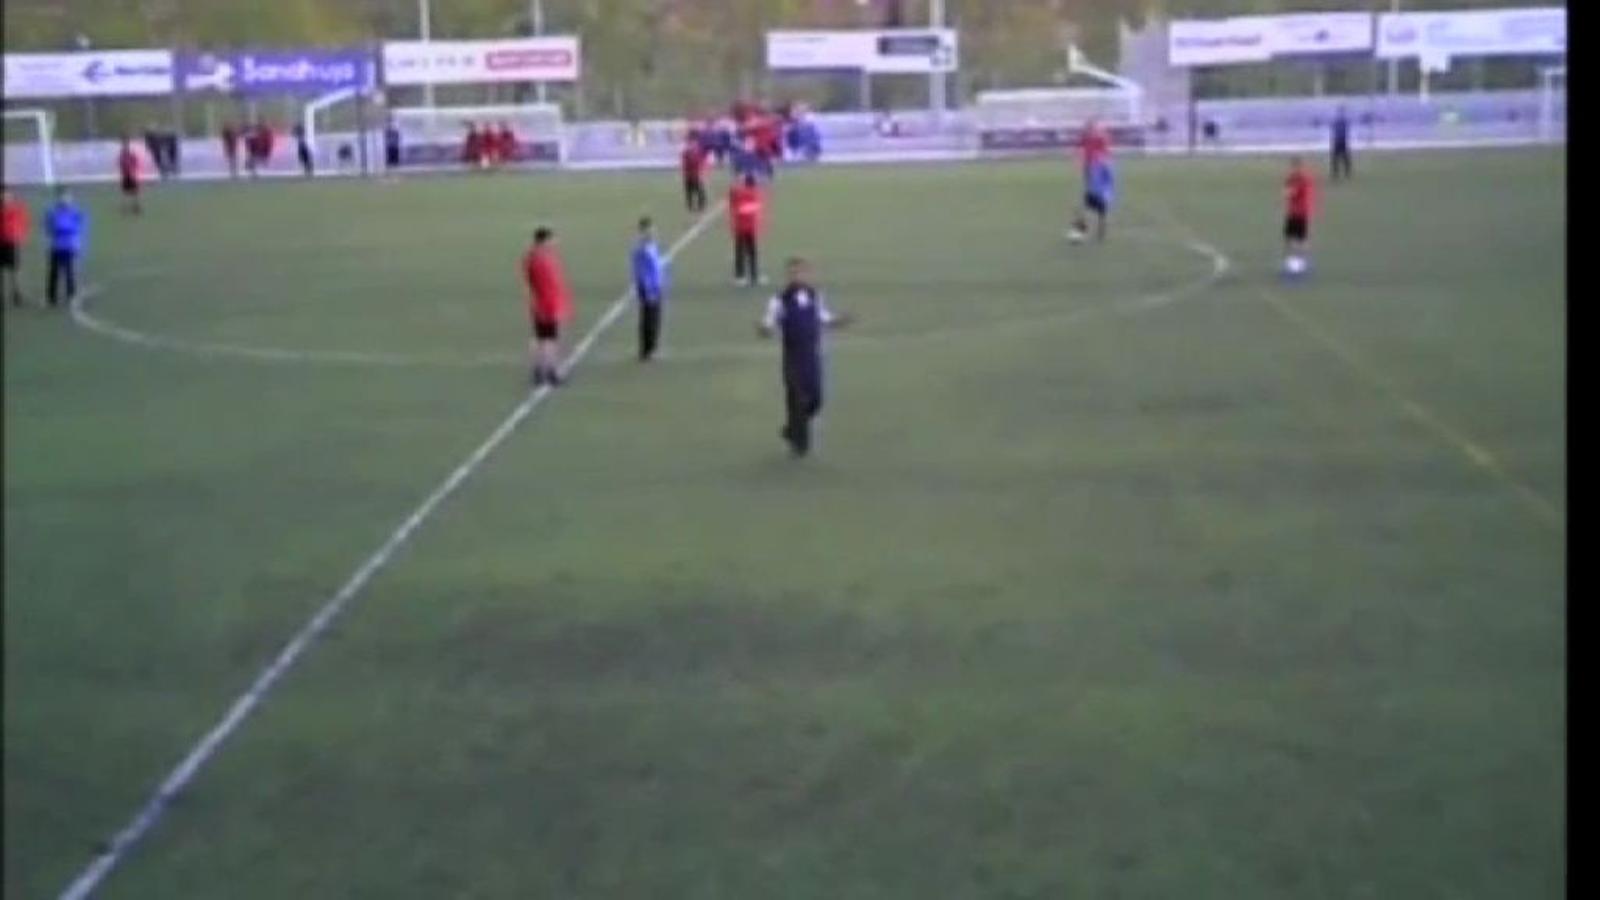 El futbol, segons Pep Guardiola